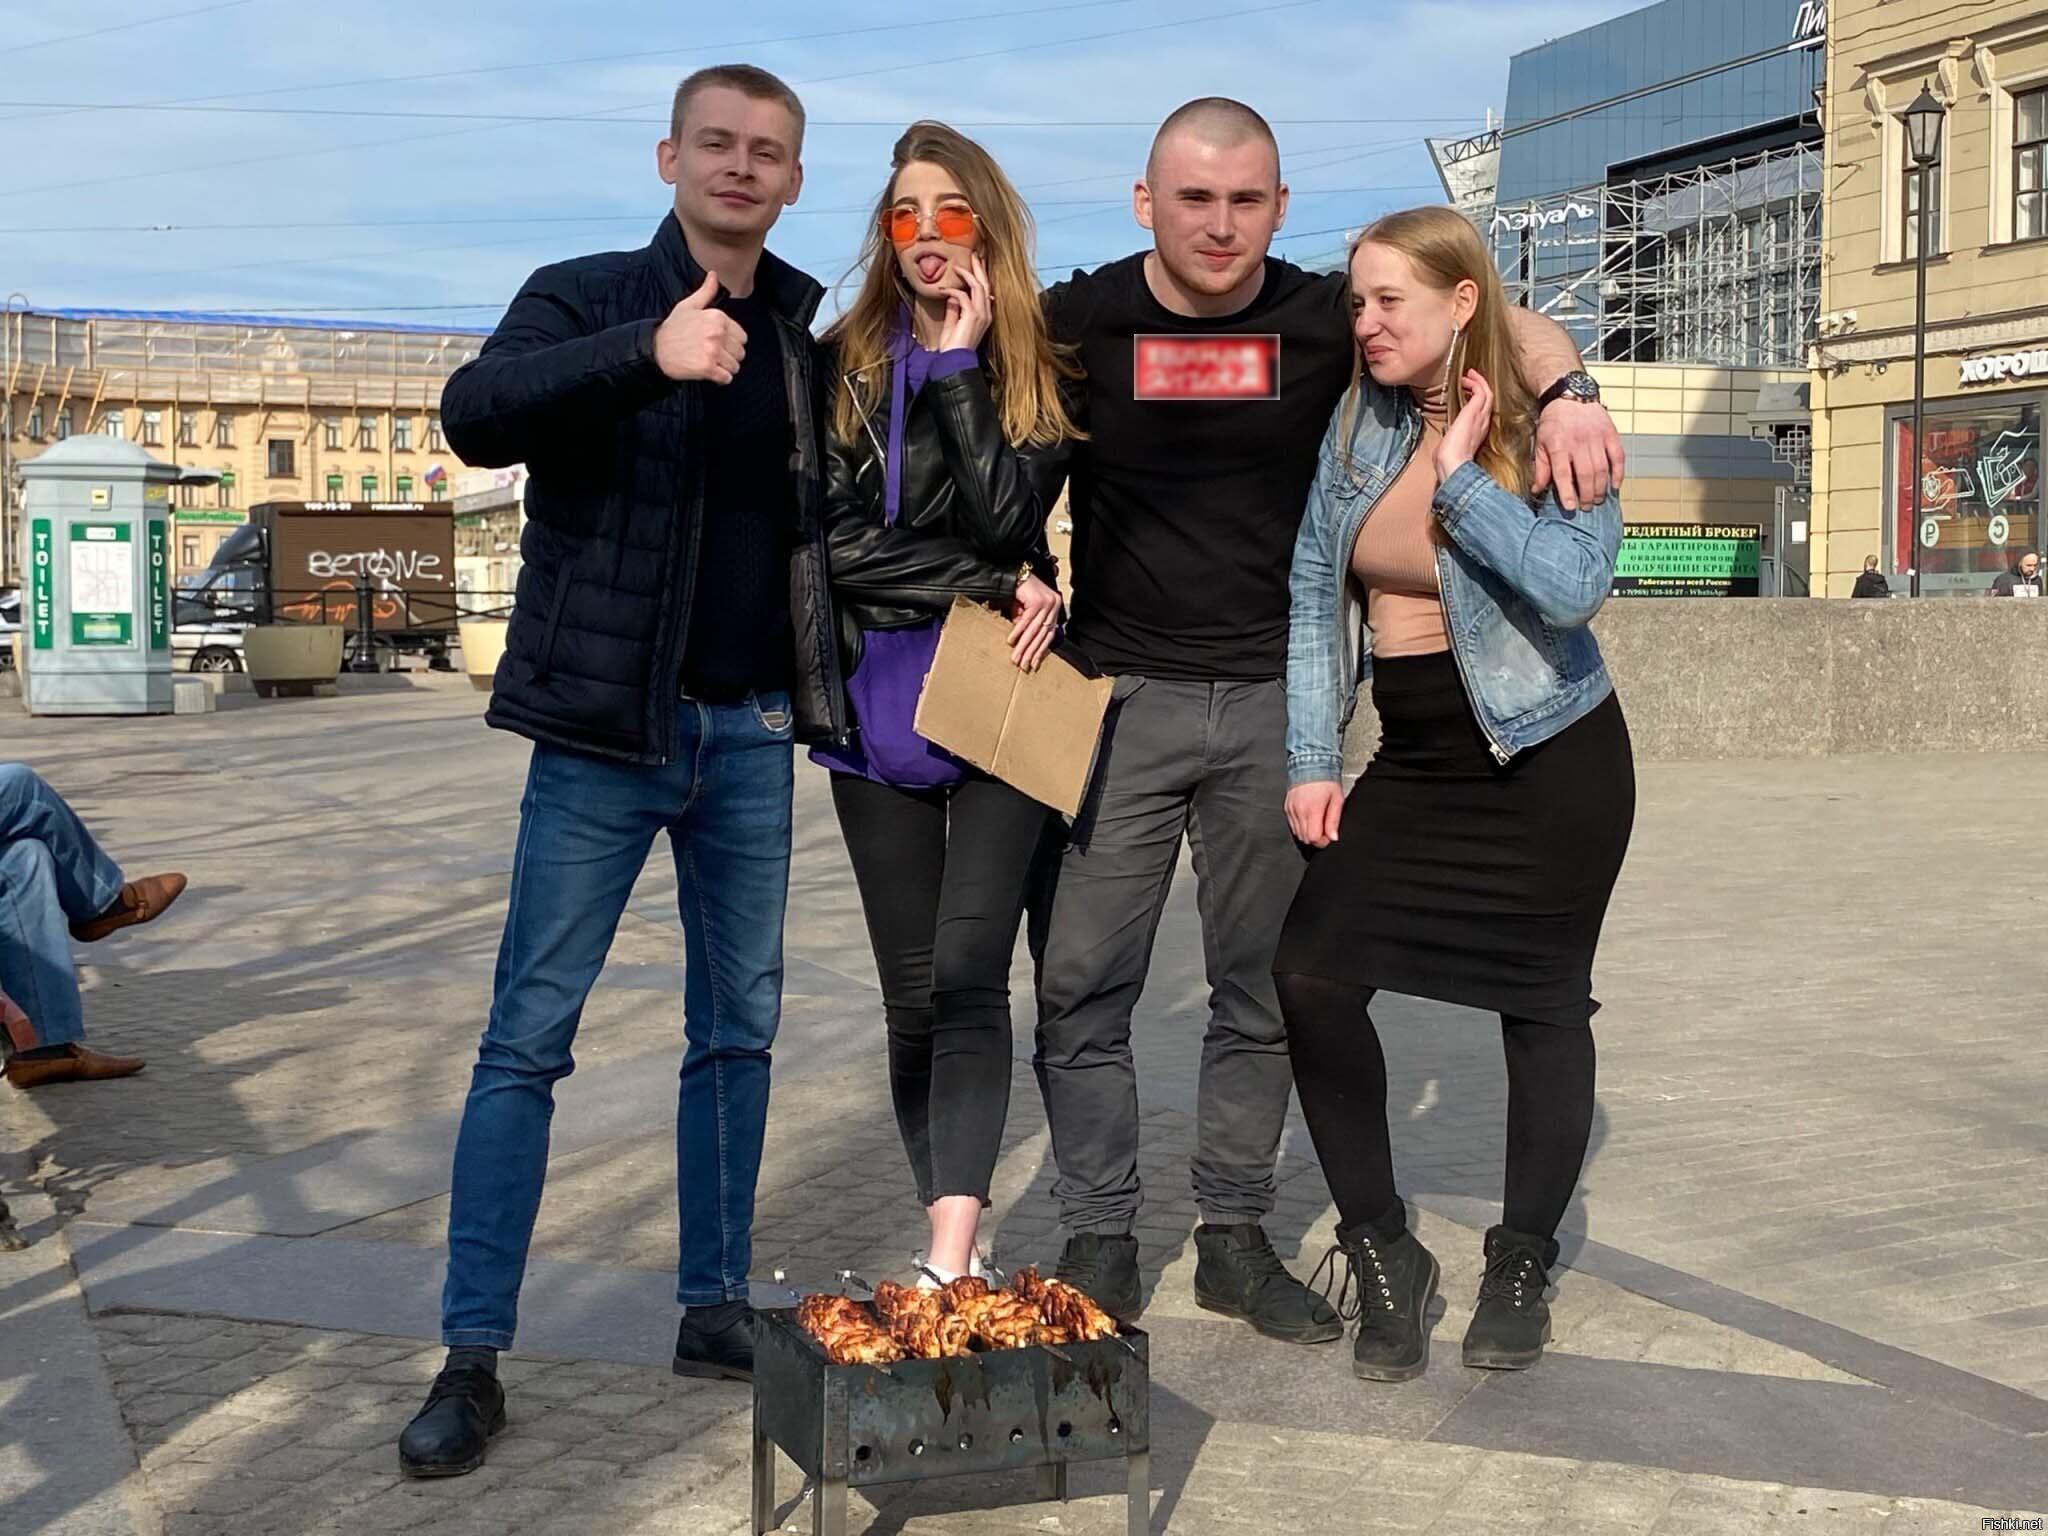 Блогерам из Петербурга выписали чек за шашлыки на Сенной. Вот только оплачивать его придётся в полиции